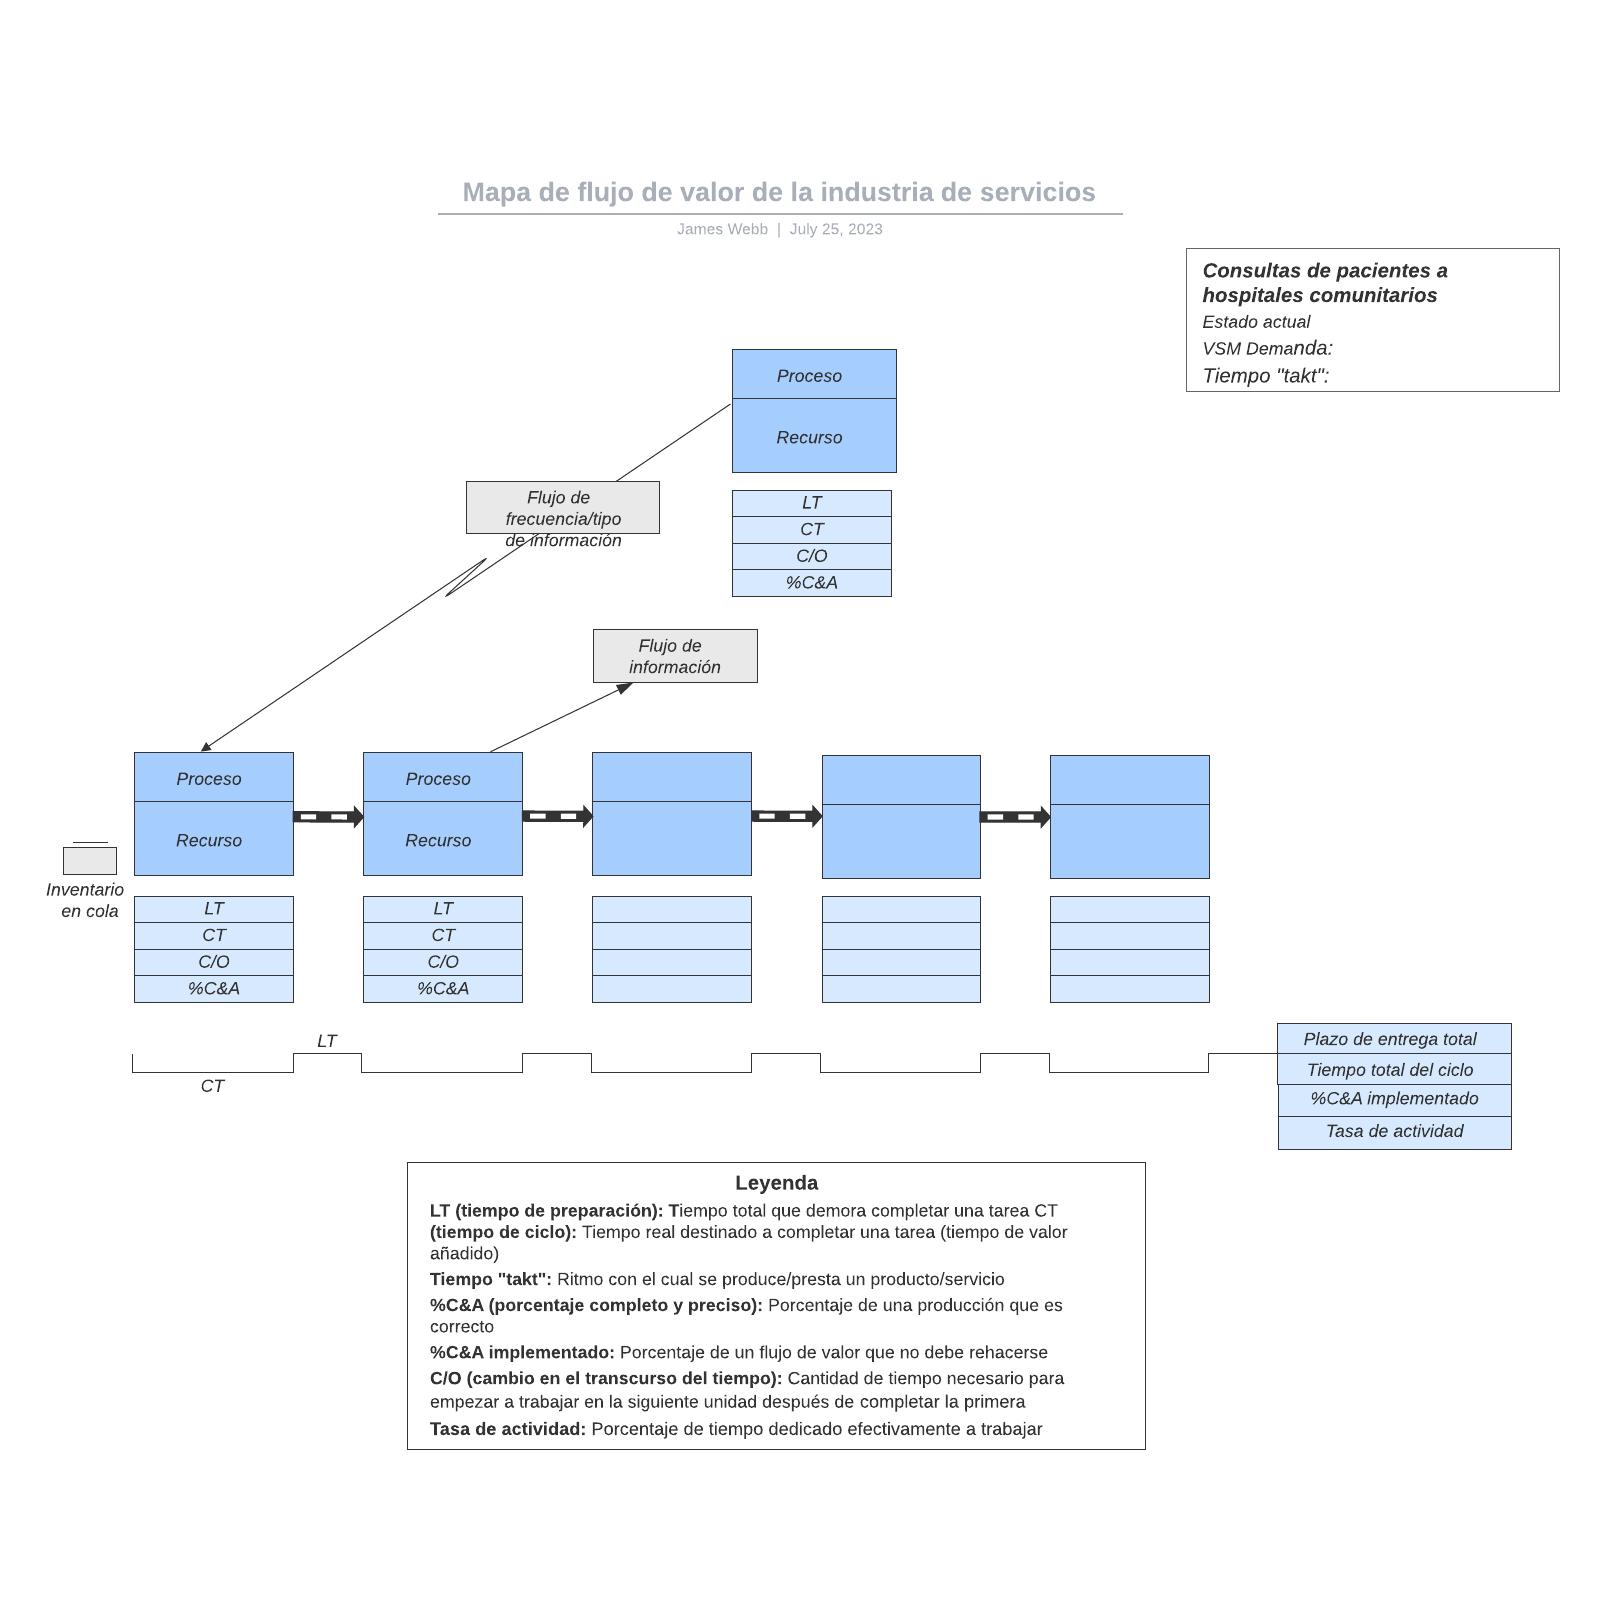 Mapa de flujo de valor de la industria de servicios